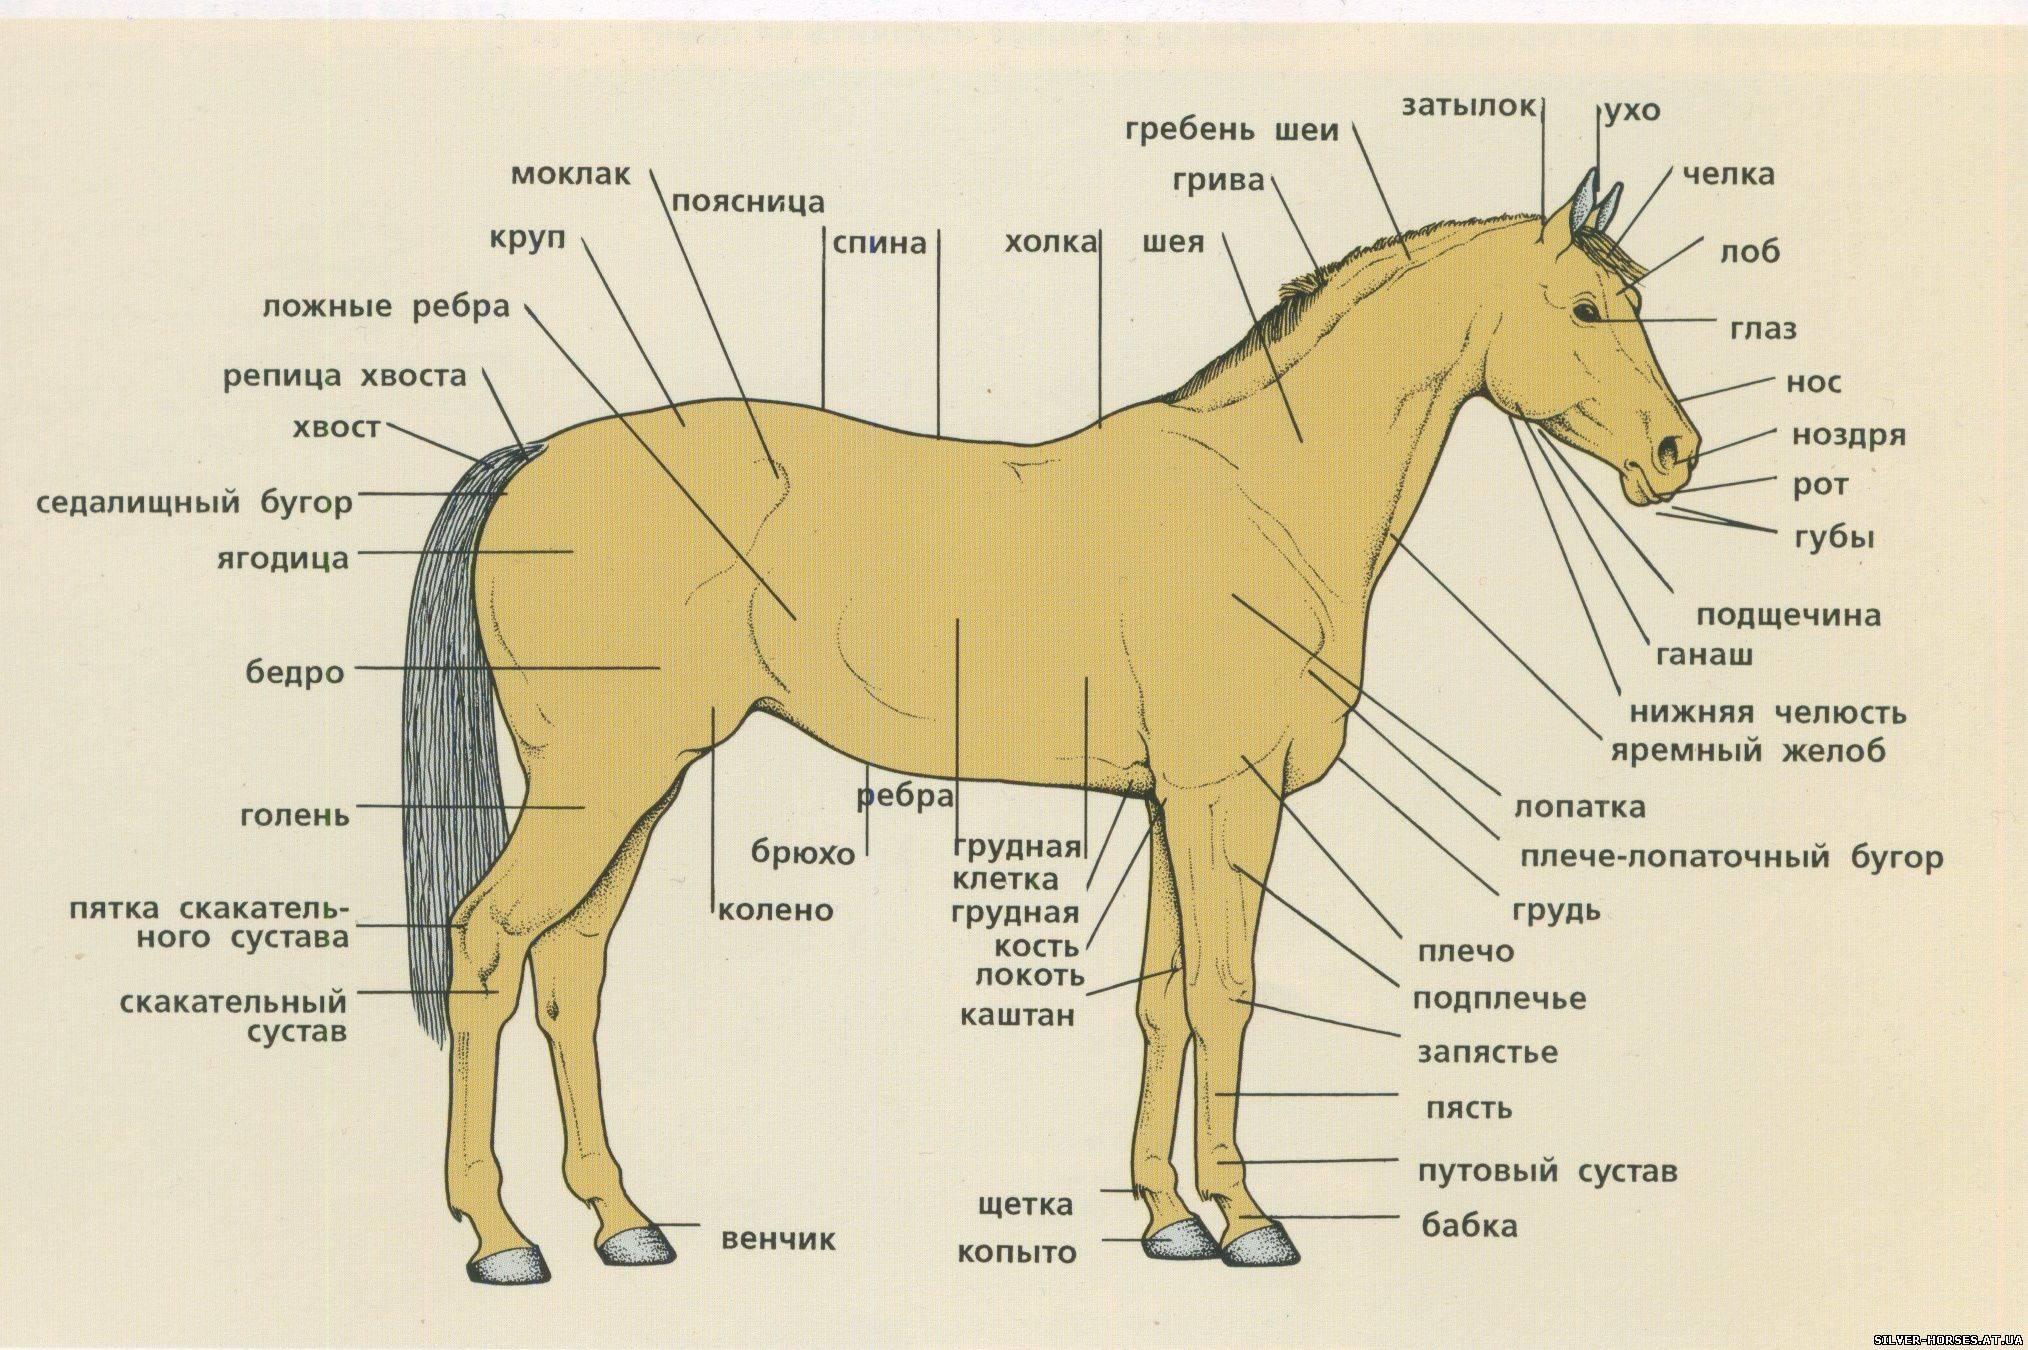 Стати лошади. Бонитировка по внешнему виду или экстерьеру лошади